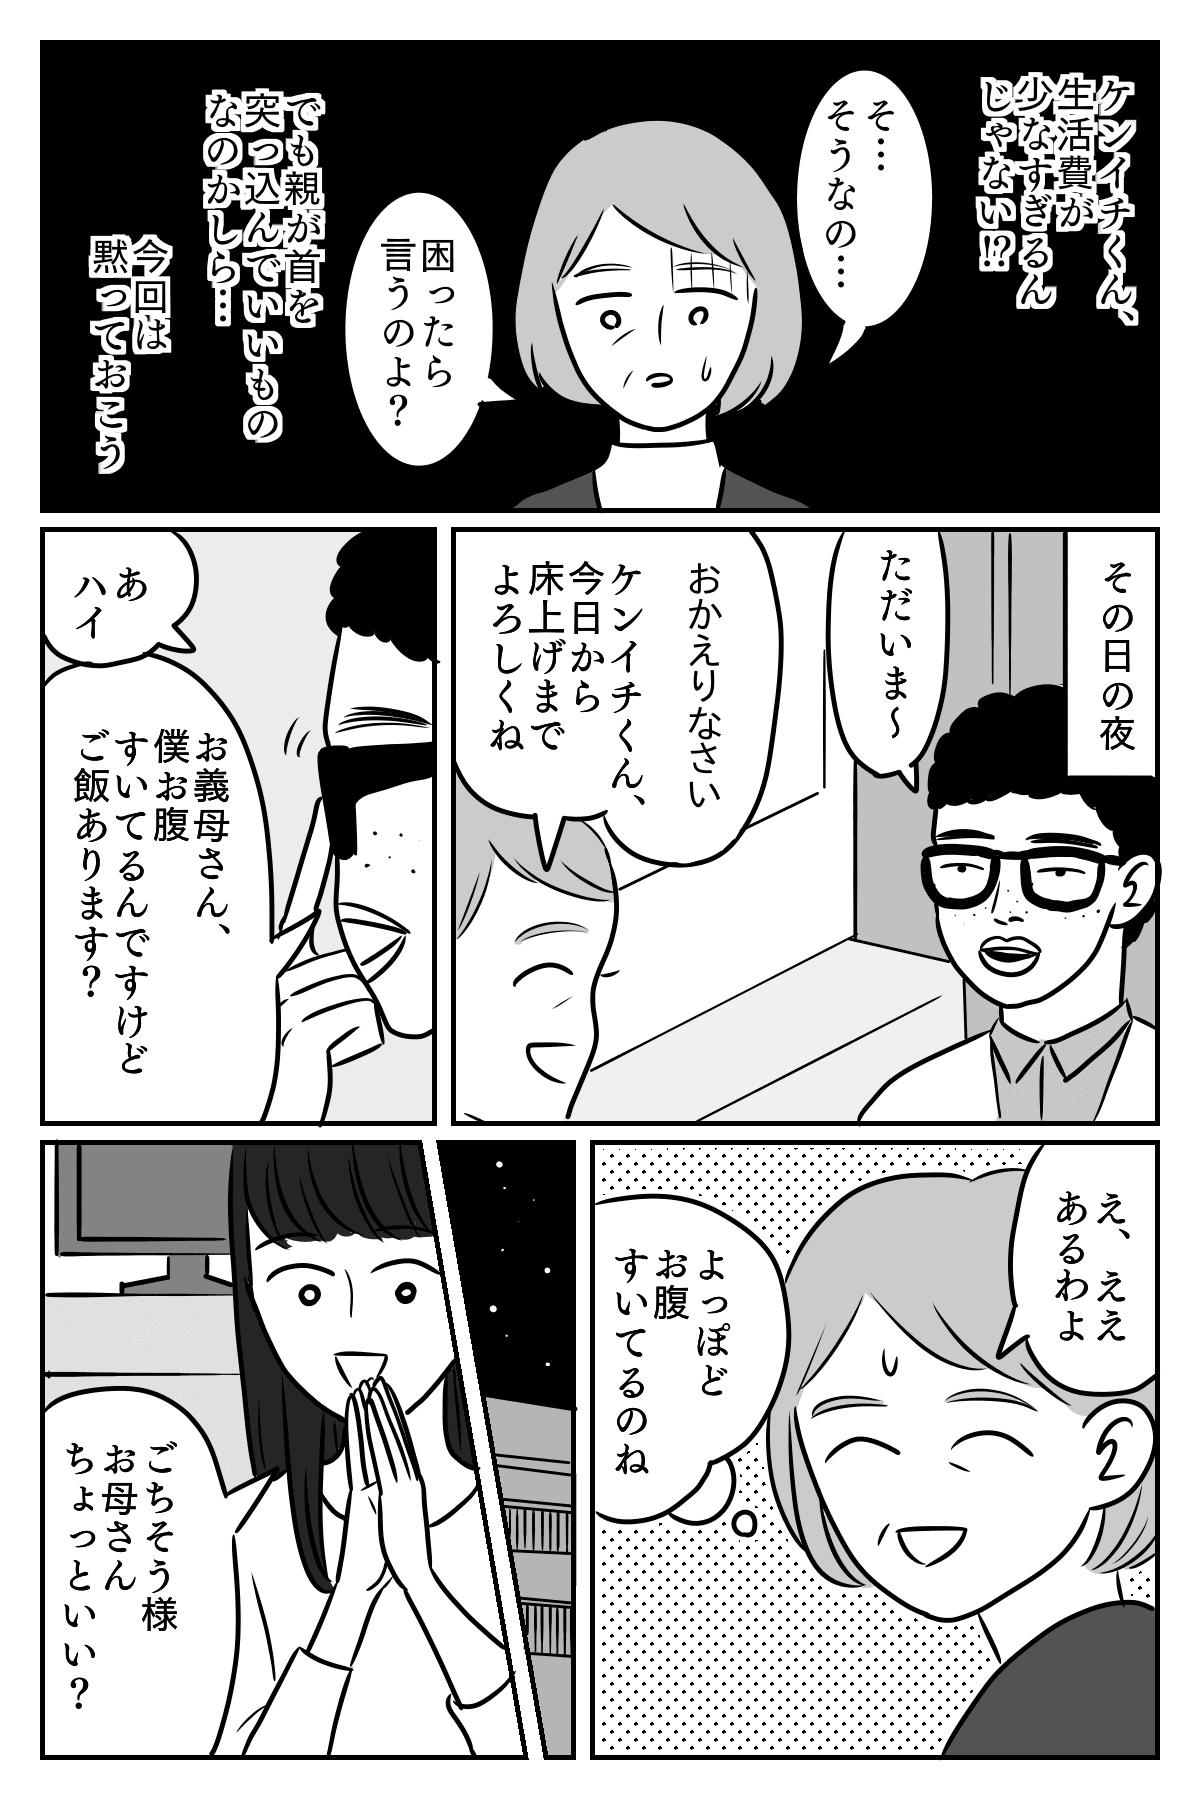 【第1話:生活費2万円】娘の夫がとんでもないケチだった……もしかしてモラハラ?02